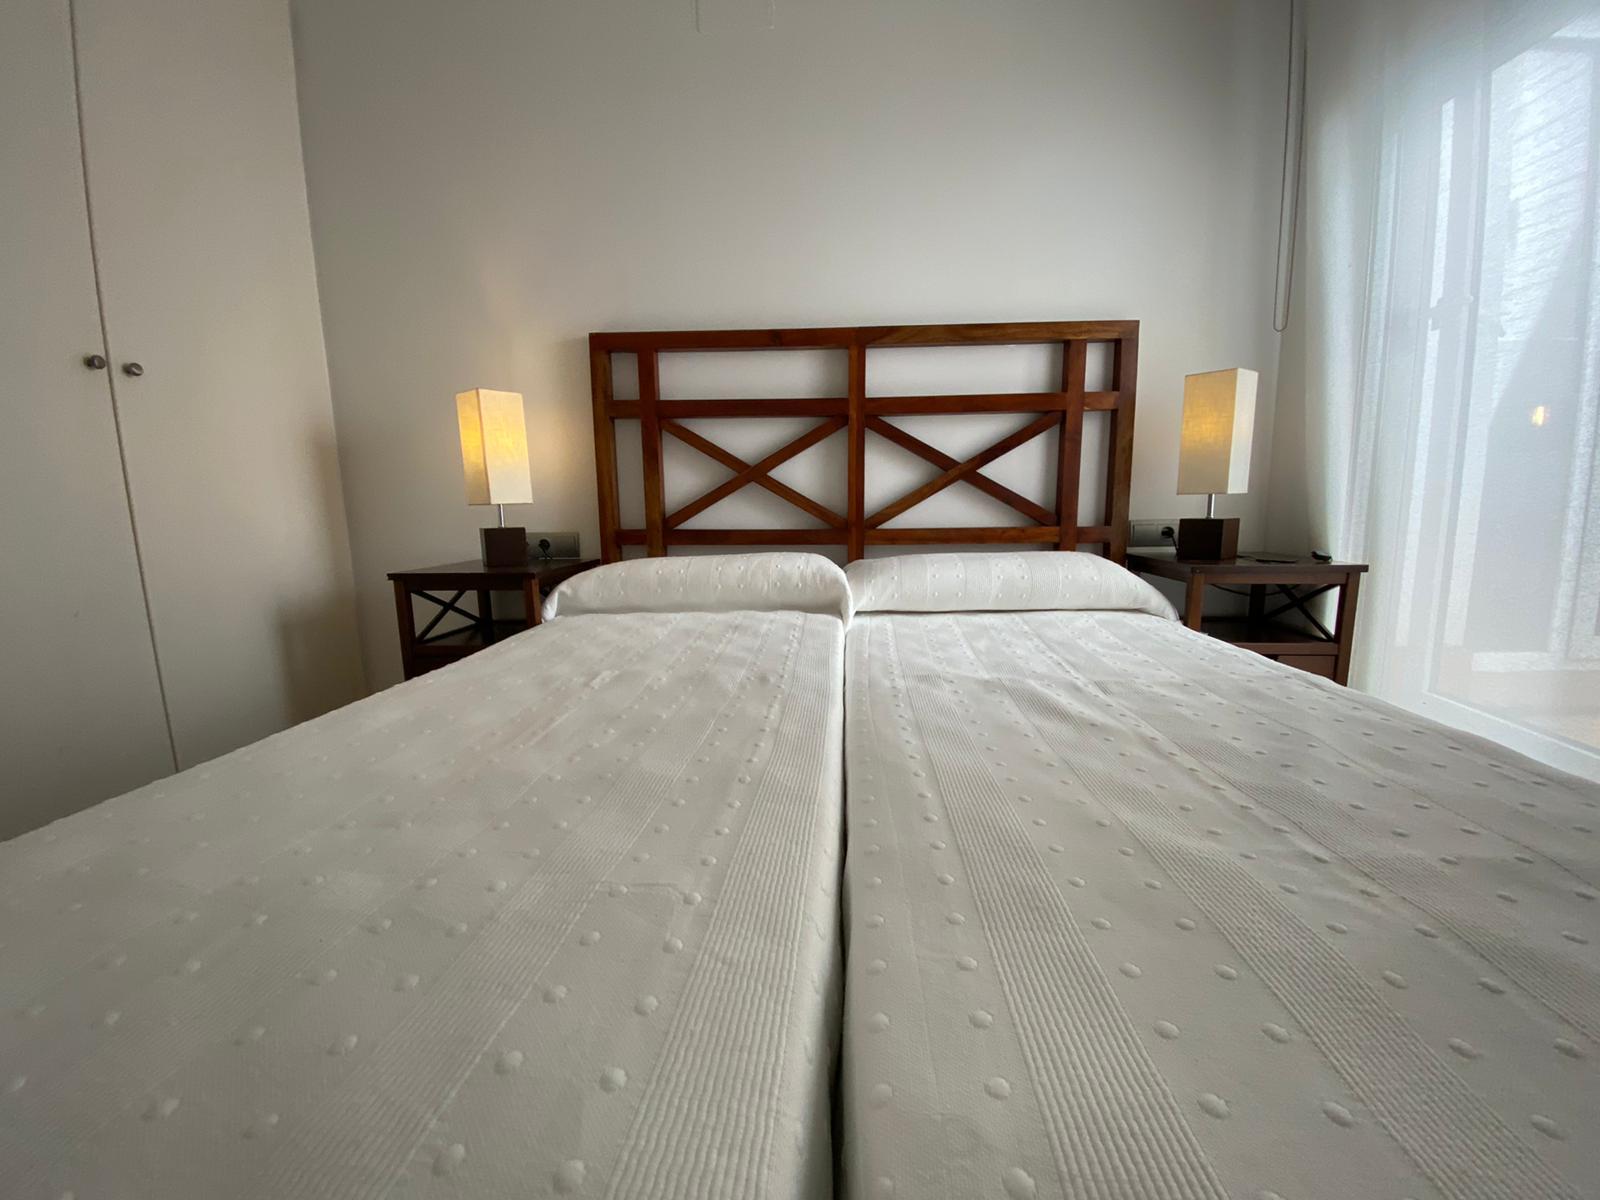 Imagen 26 del Apartamento Turístico, Ático 6 Poniente (3d+2b), Punta del Moral (HUELVA), Paseo de la Cruz nº22